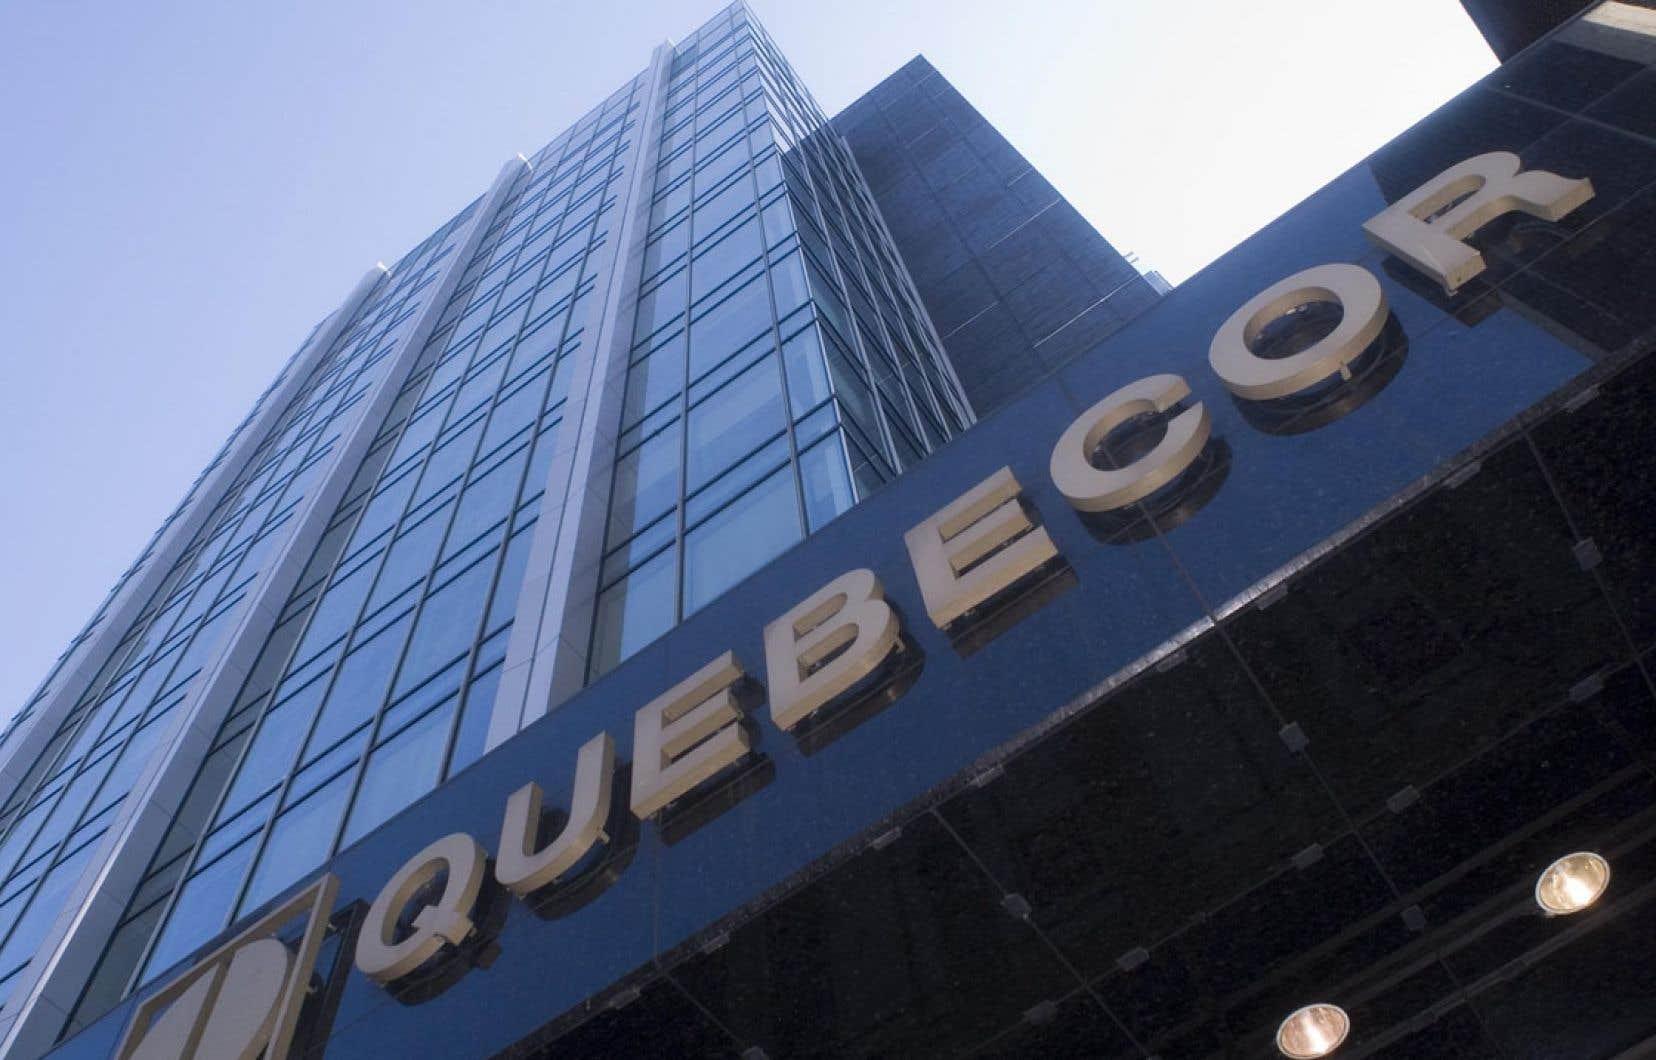 Les télécommunications comptent pour 86 % des flux monétaires de Québecor, alors que la composante média apporte 32 % des revenus et seulement 12 % des profits.